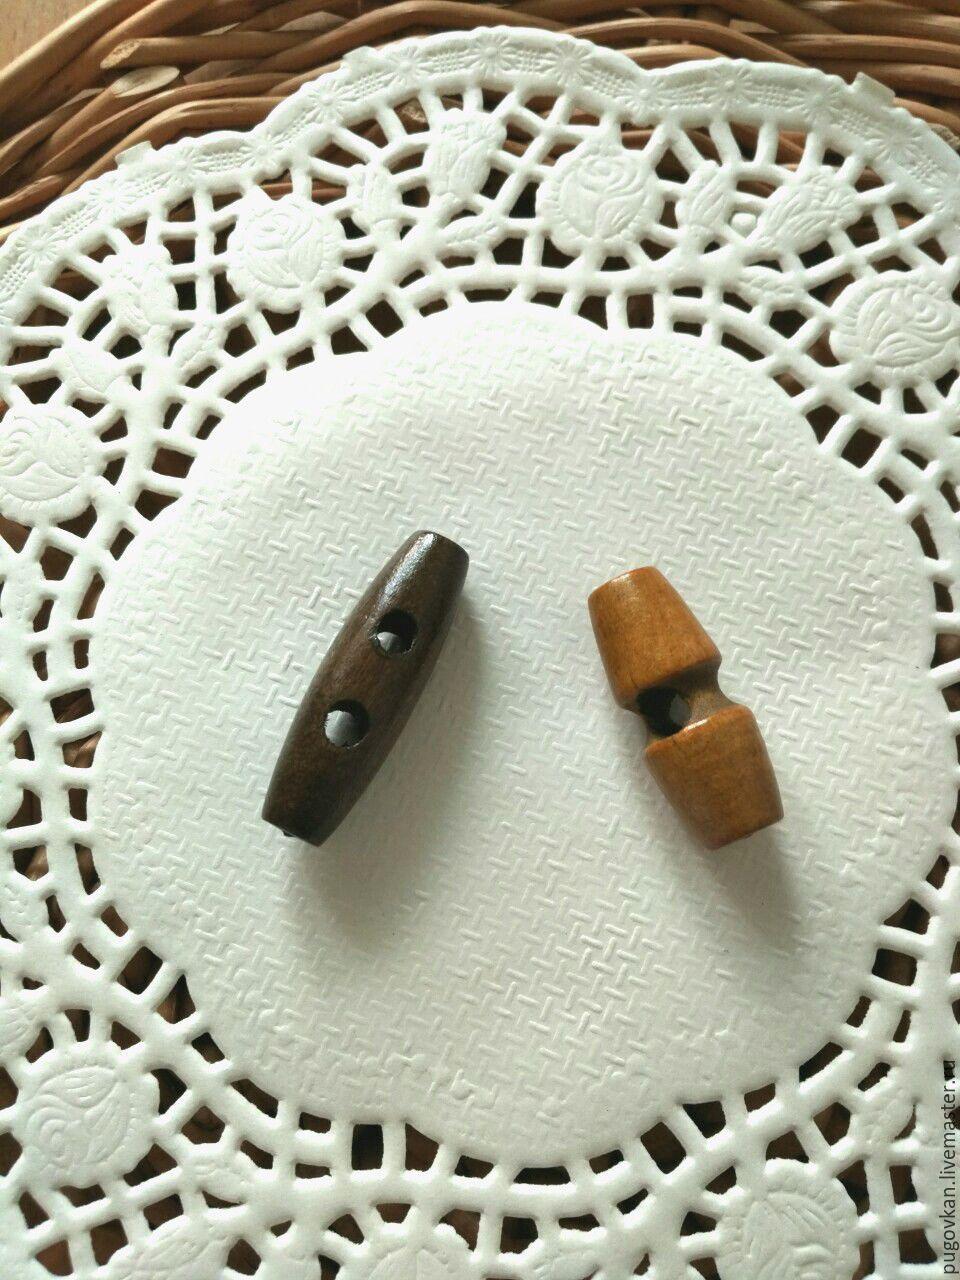 Пуговицы деревянные 3 см и 3,5 см, Пуговицы, Глазов, Фото №1